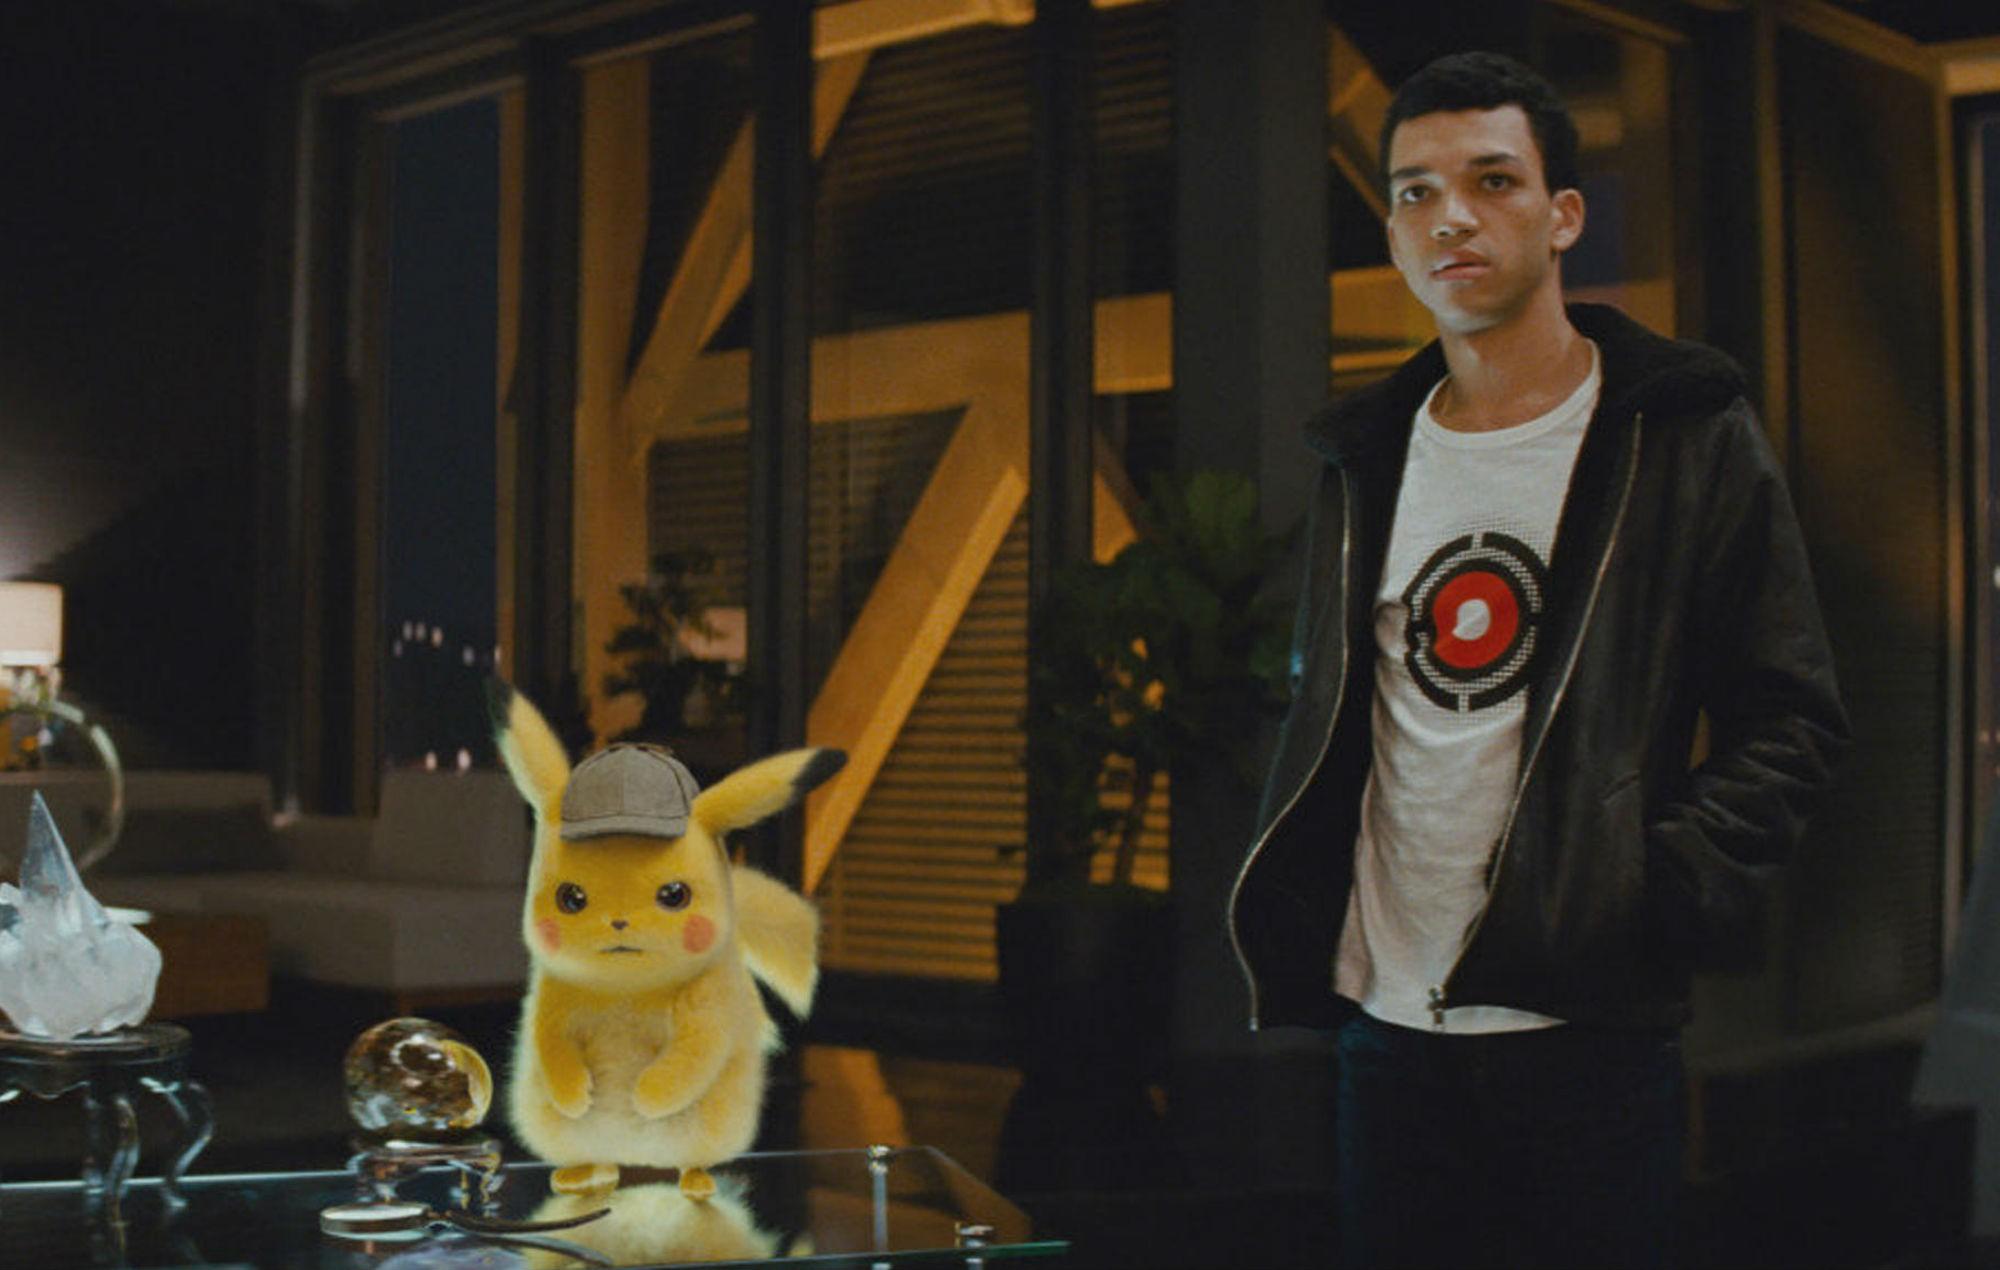 Cẩm nang 5 điều cần biết trước khi gặp chú Pikachu siêu bựa - Ảnh 1.